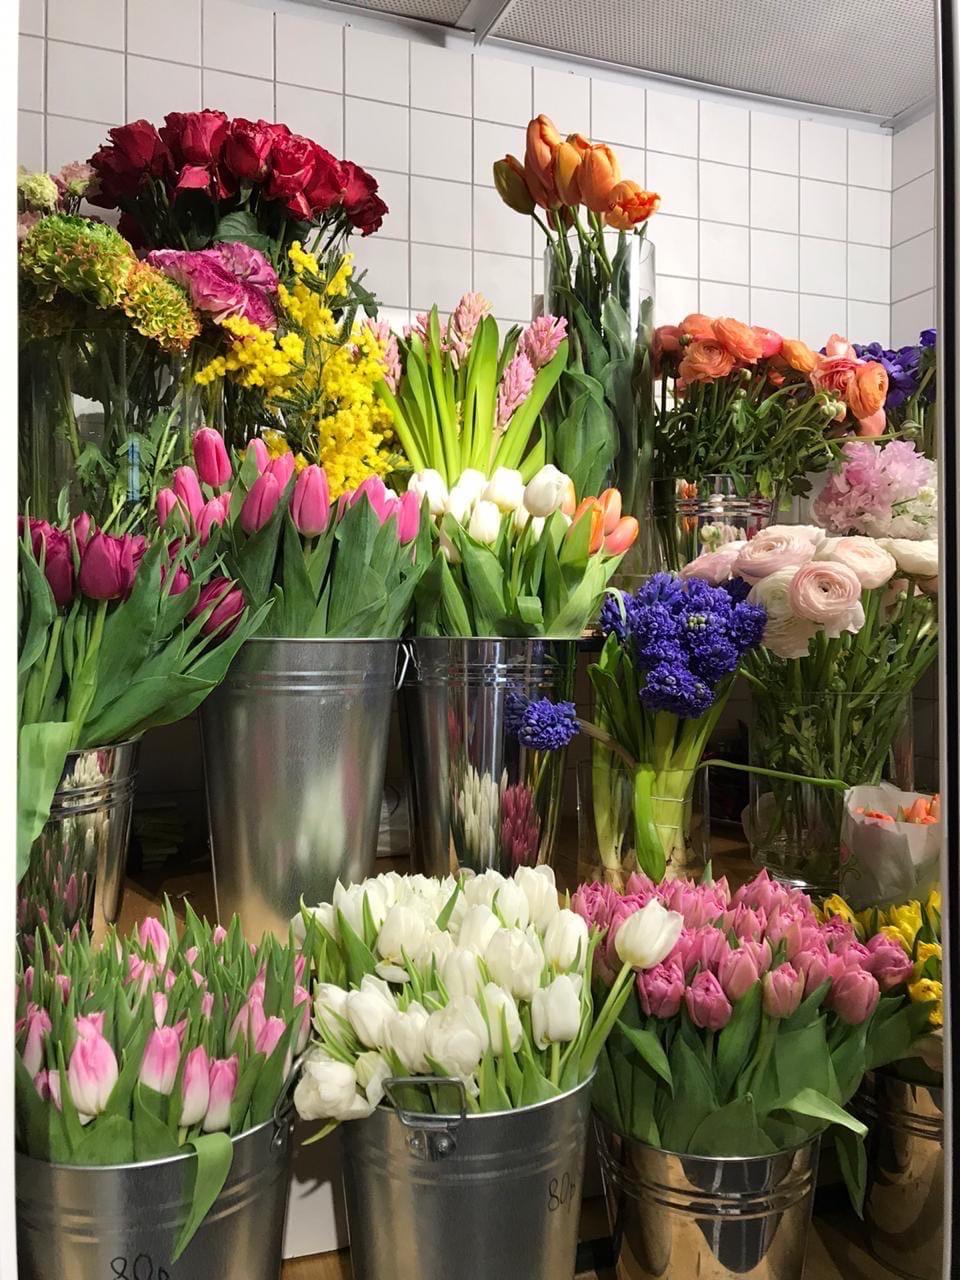 Друзья, продолжаем поздравлять любимых женщинмагазин @flowers_and_coffee_raketa на проспекте Ракетостроителей 9к1 поможет!